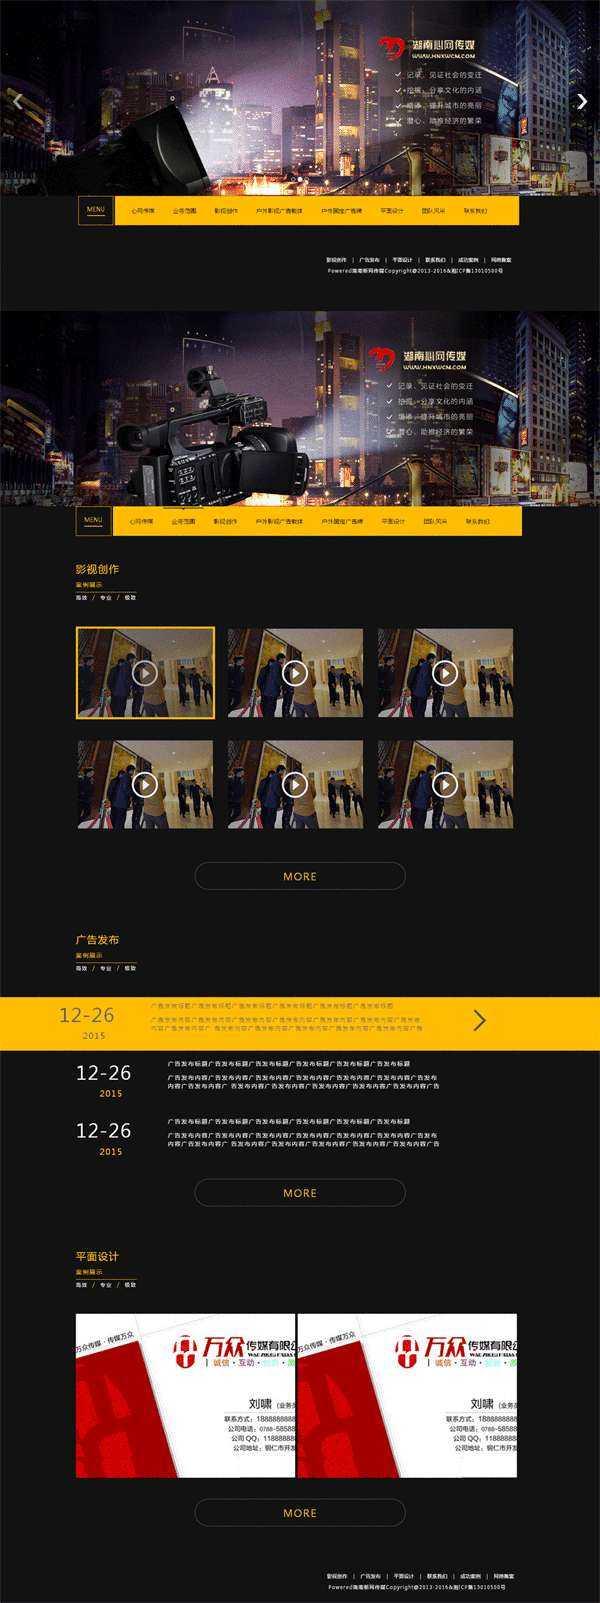 黑色大气的新网传媒官网企业模板下载